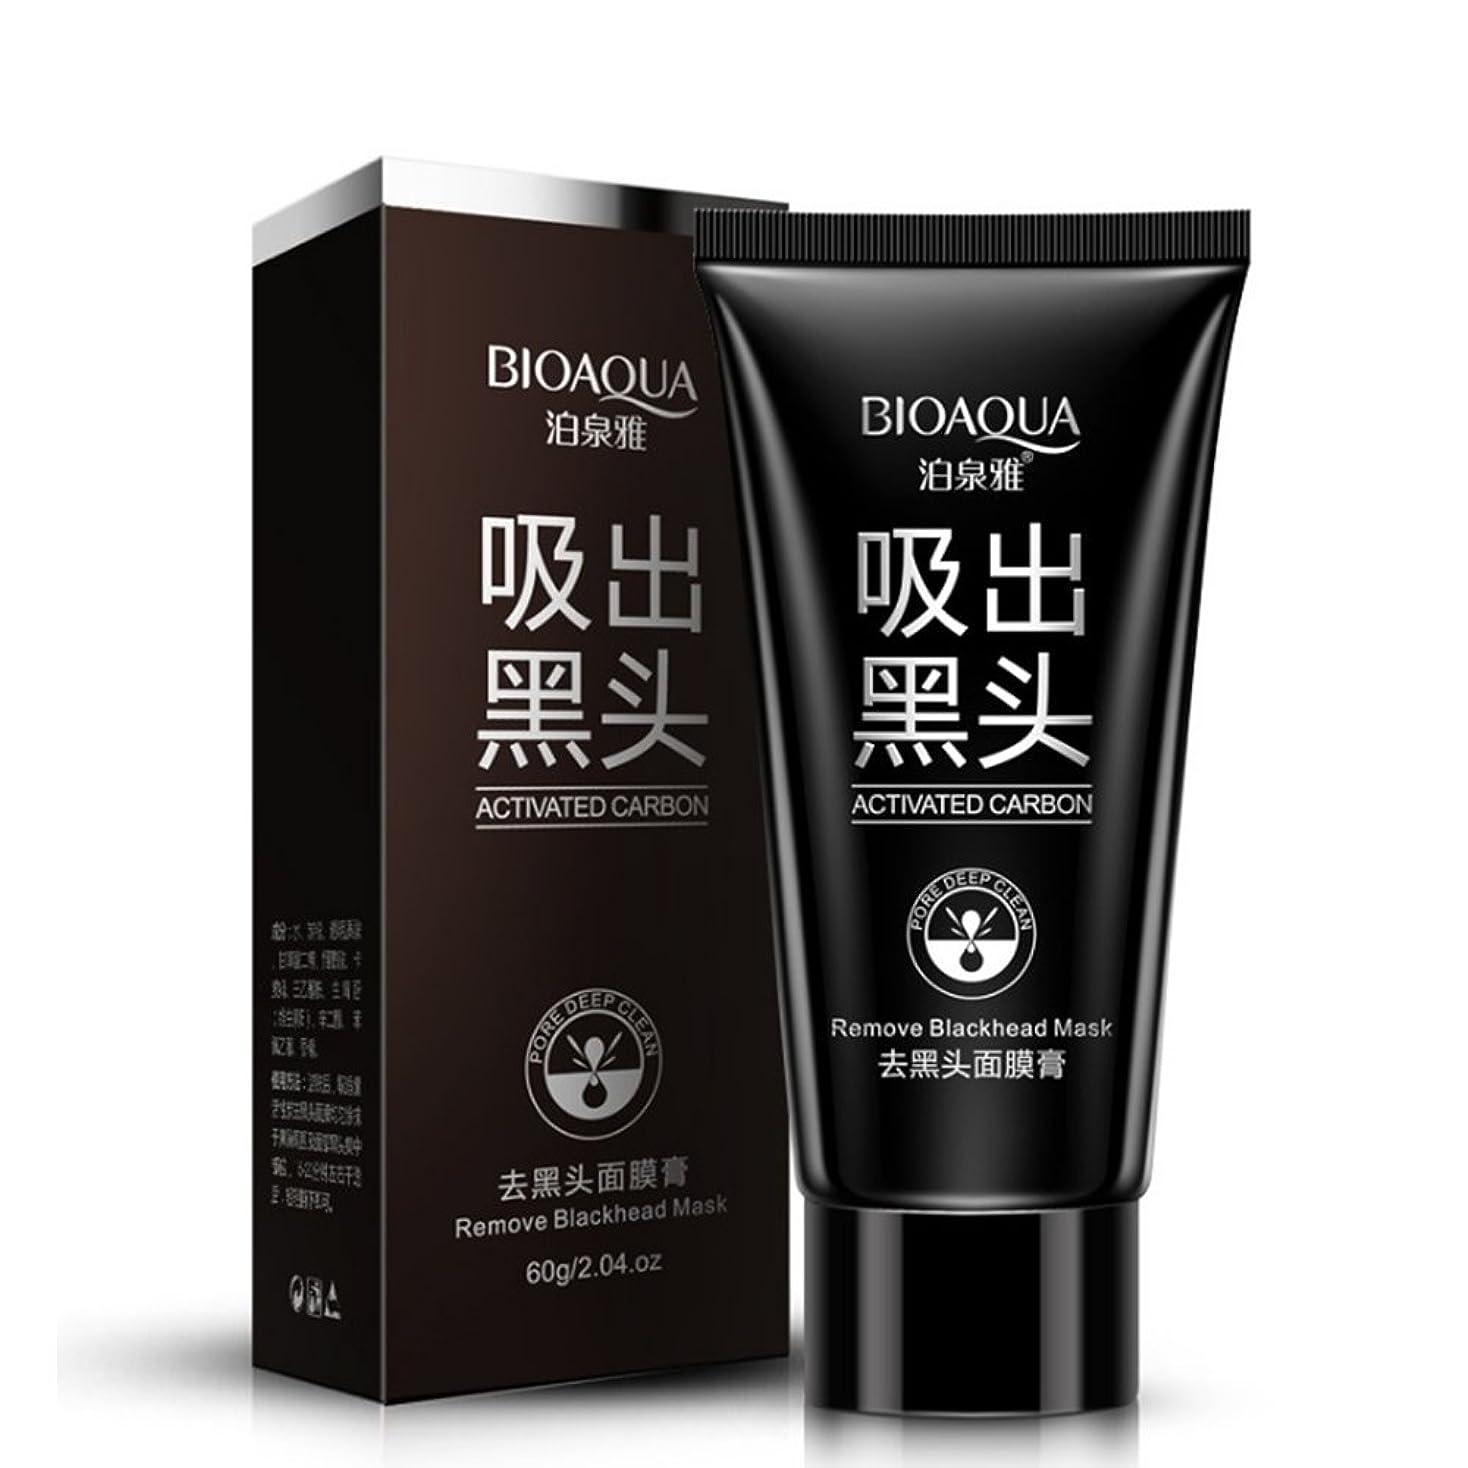 騒ぎ限界聞きますSuction Black Mask Shrink Black Head Spots Pores,Face Mask Blackhead Removal Blackheads Cosmetics Facials Moisturizing Skin Care.